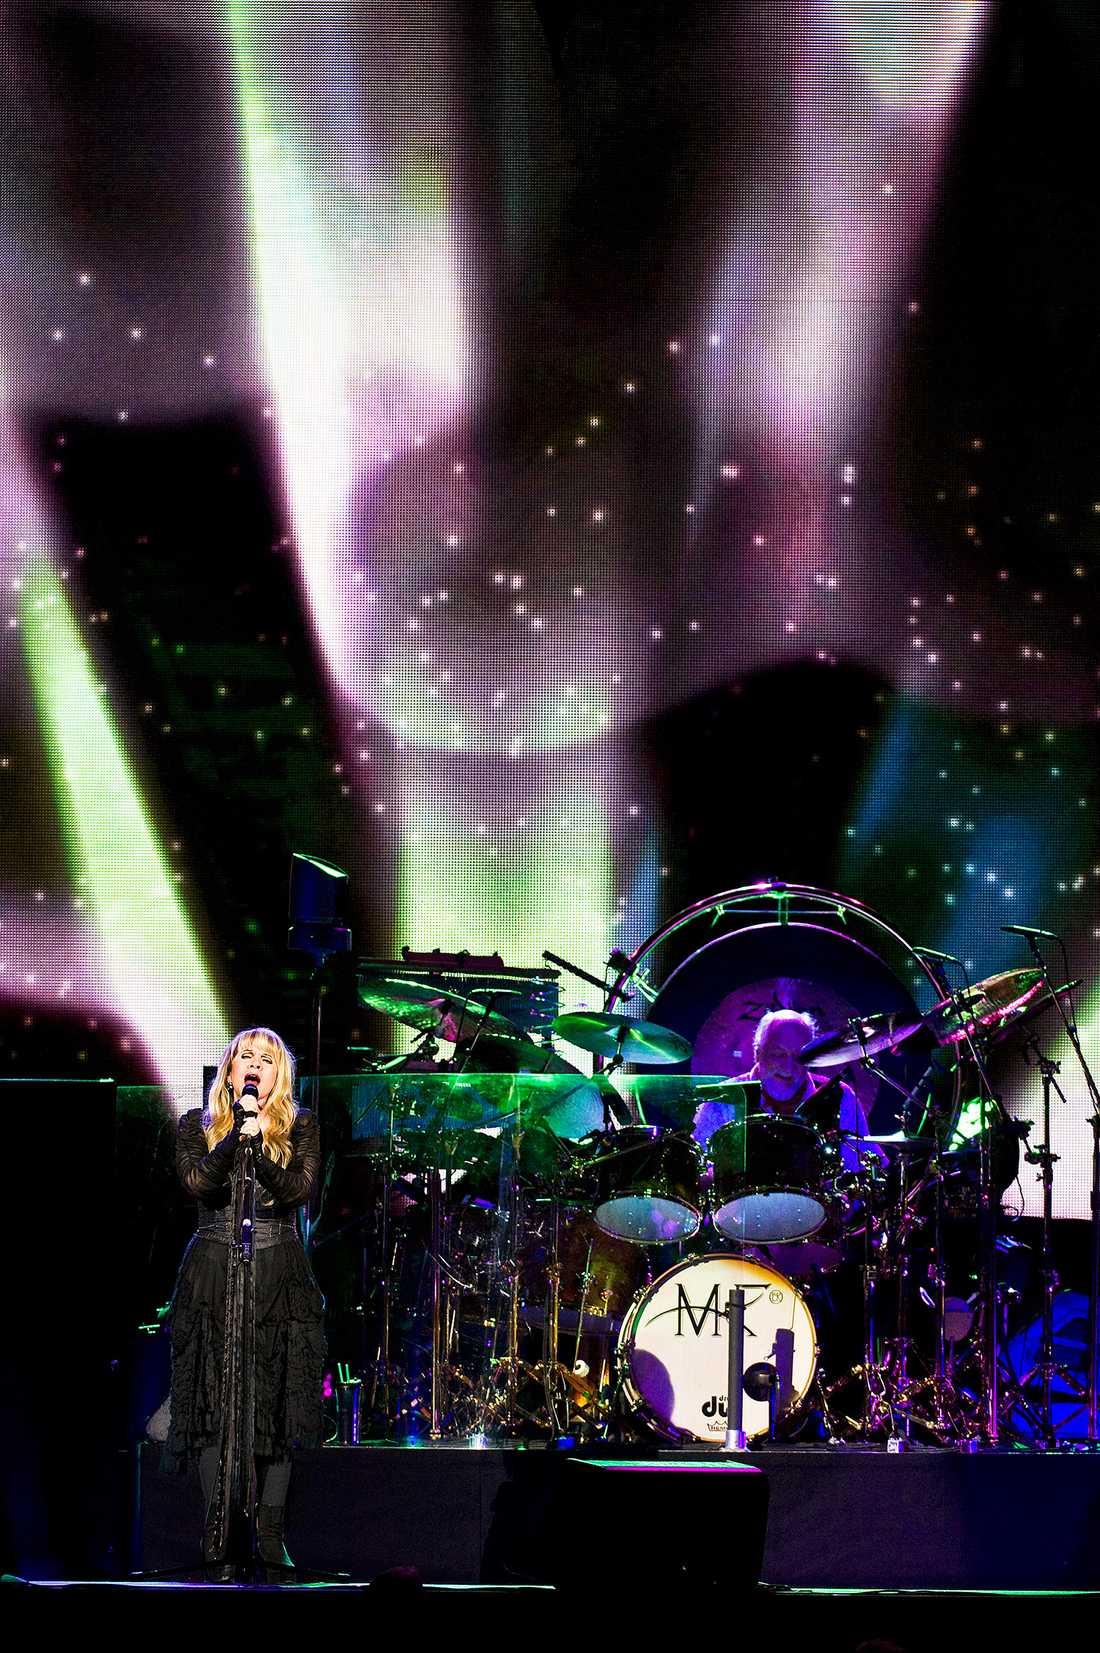 Klassisk kavalkad Stevie Nicks och Mick Fleetwood är långt ifrån 70-tals explosiva egon- nu råder istället en förlåtande stämning på scenen.